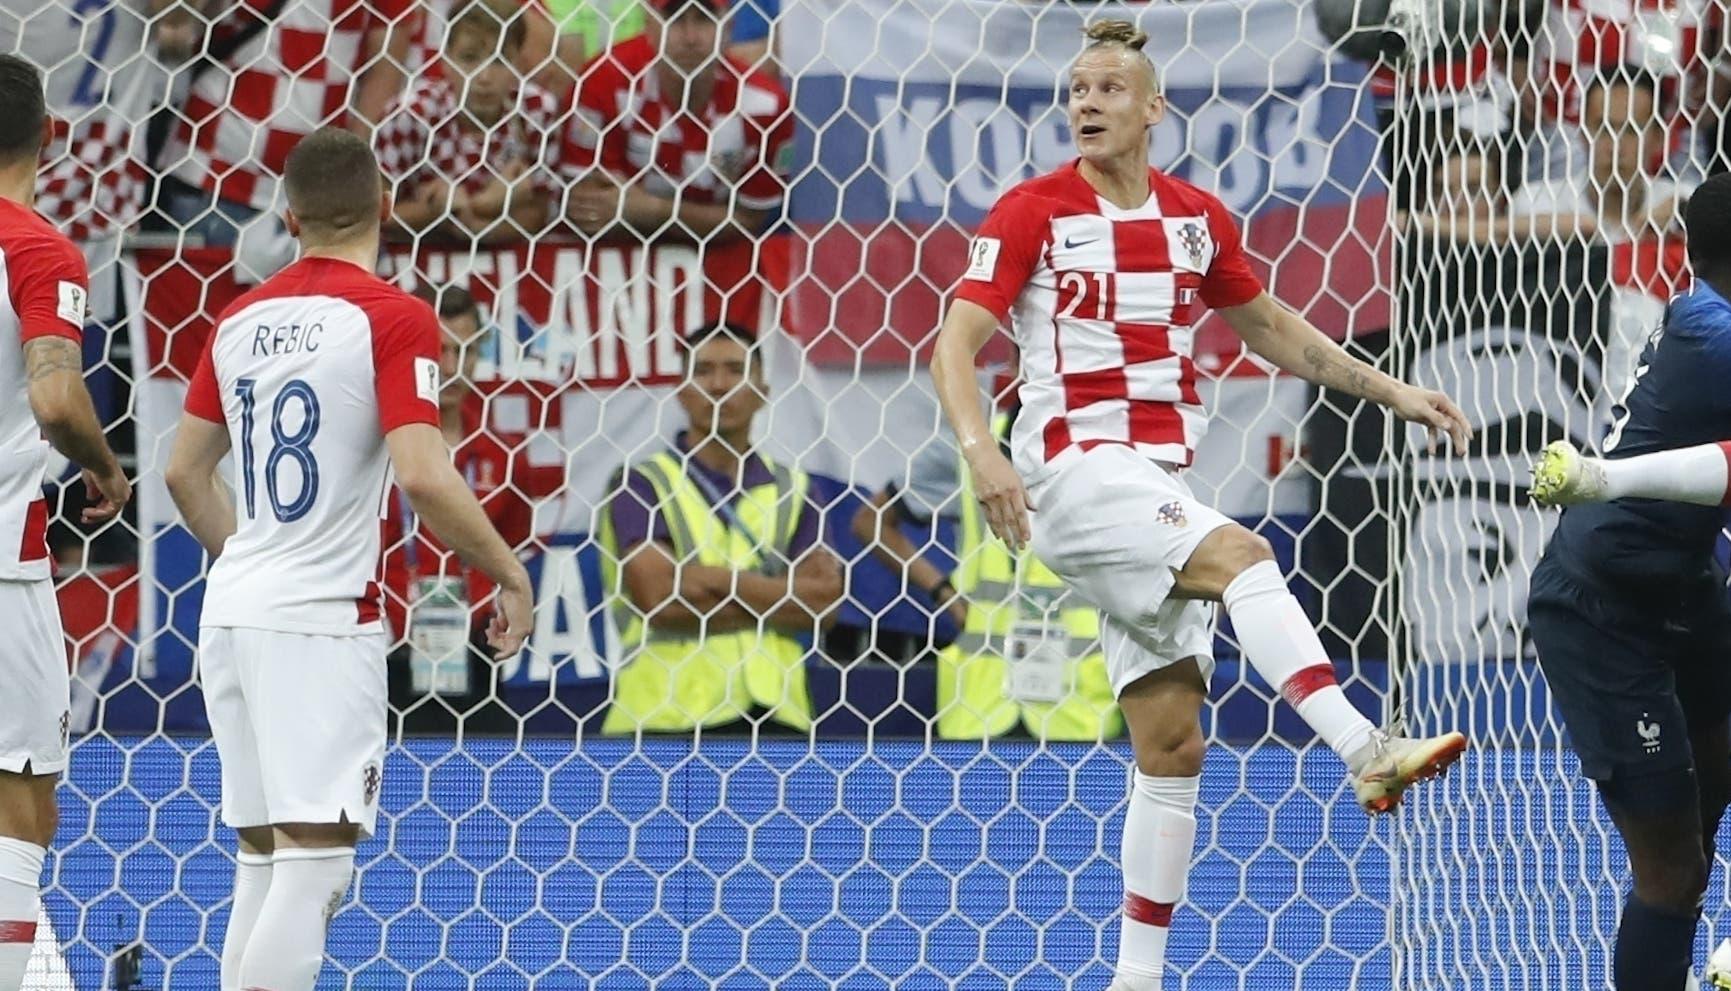 10. Mario Mandzukic (2do de derecha a izquierda), de Croacia, anota un autogol en la final de la Copa del Mundo frente a Francia, el domingo 15 de julio de 2018, en el estadio Luzhniki de Moscú (AP Foto/Petr David Josek)